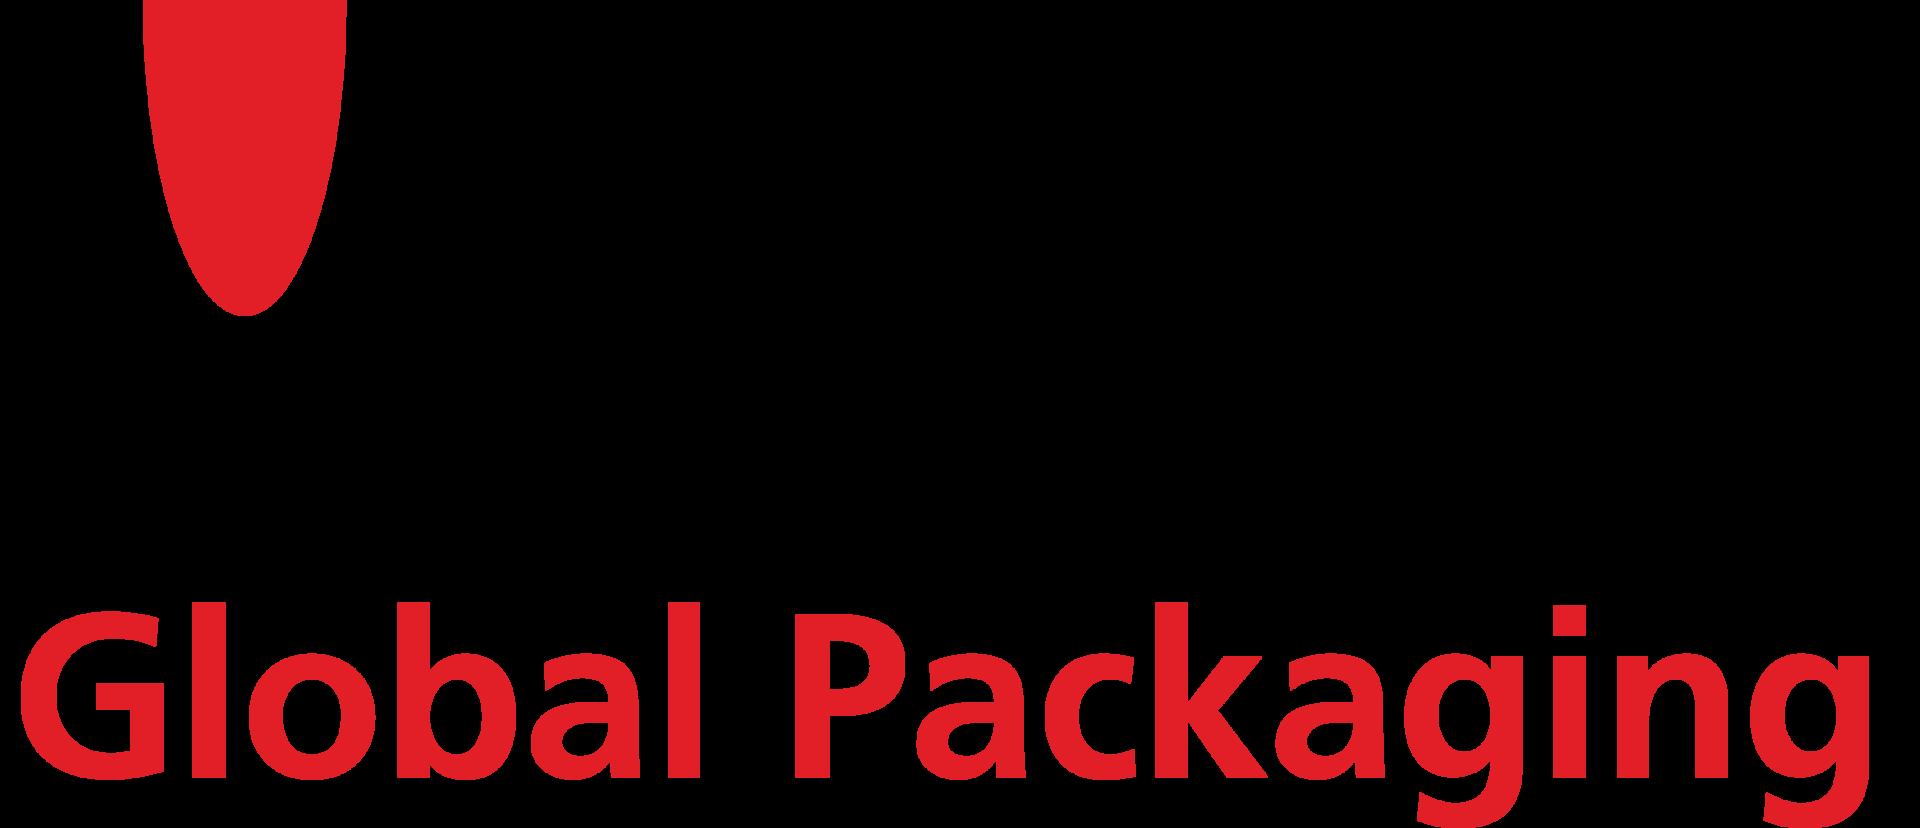 logo_con_slogan-002